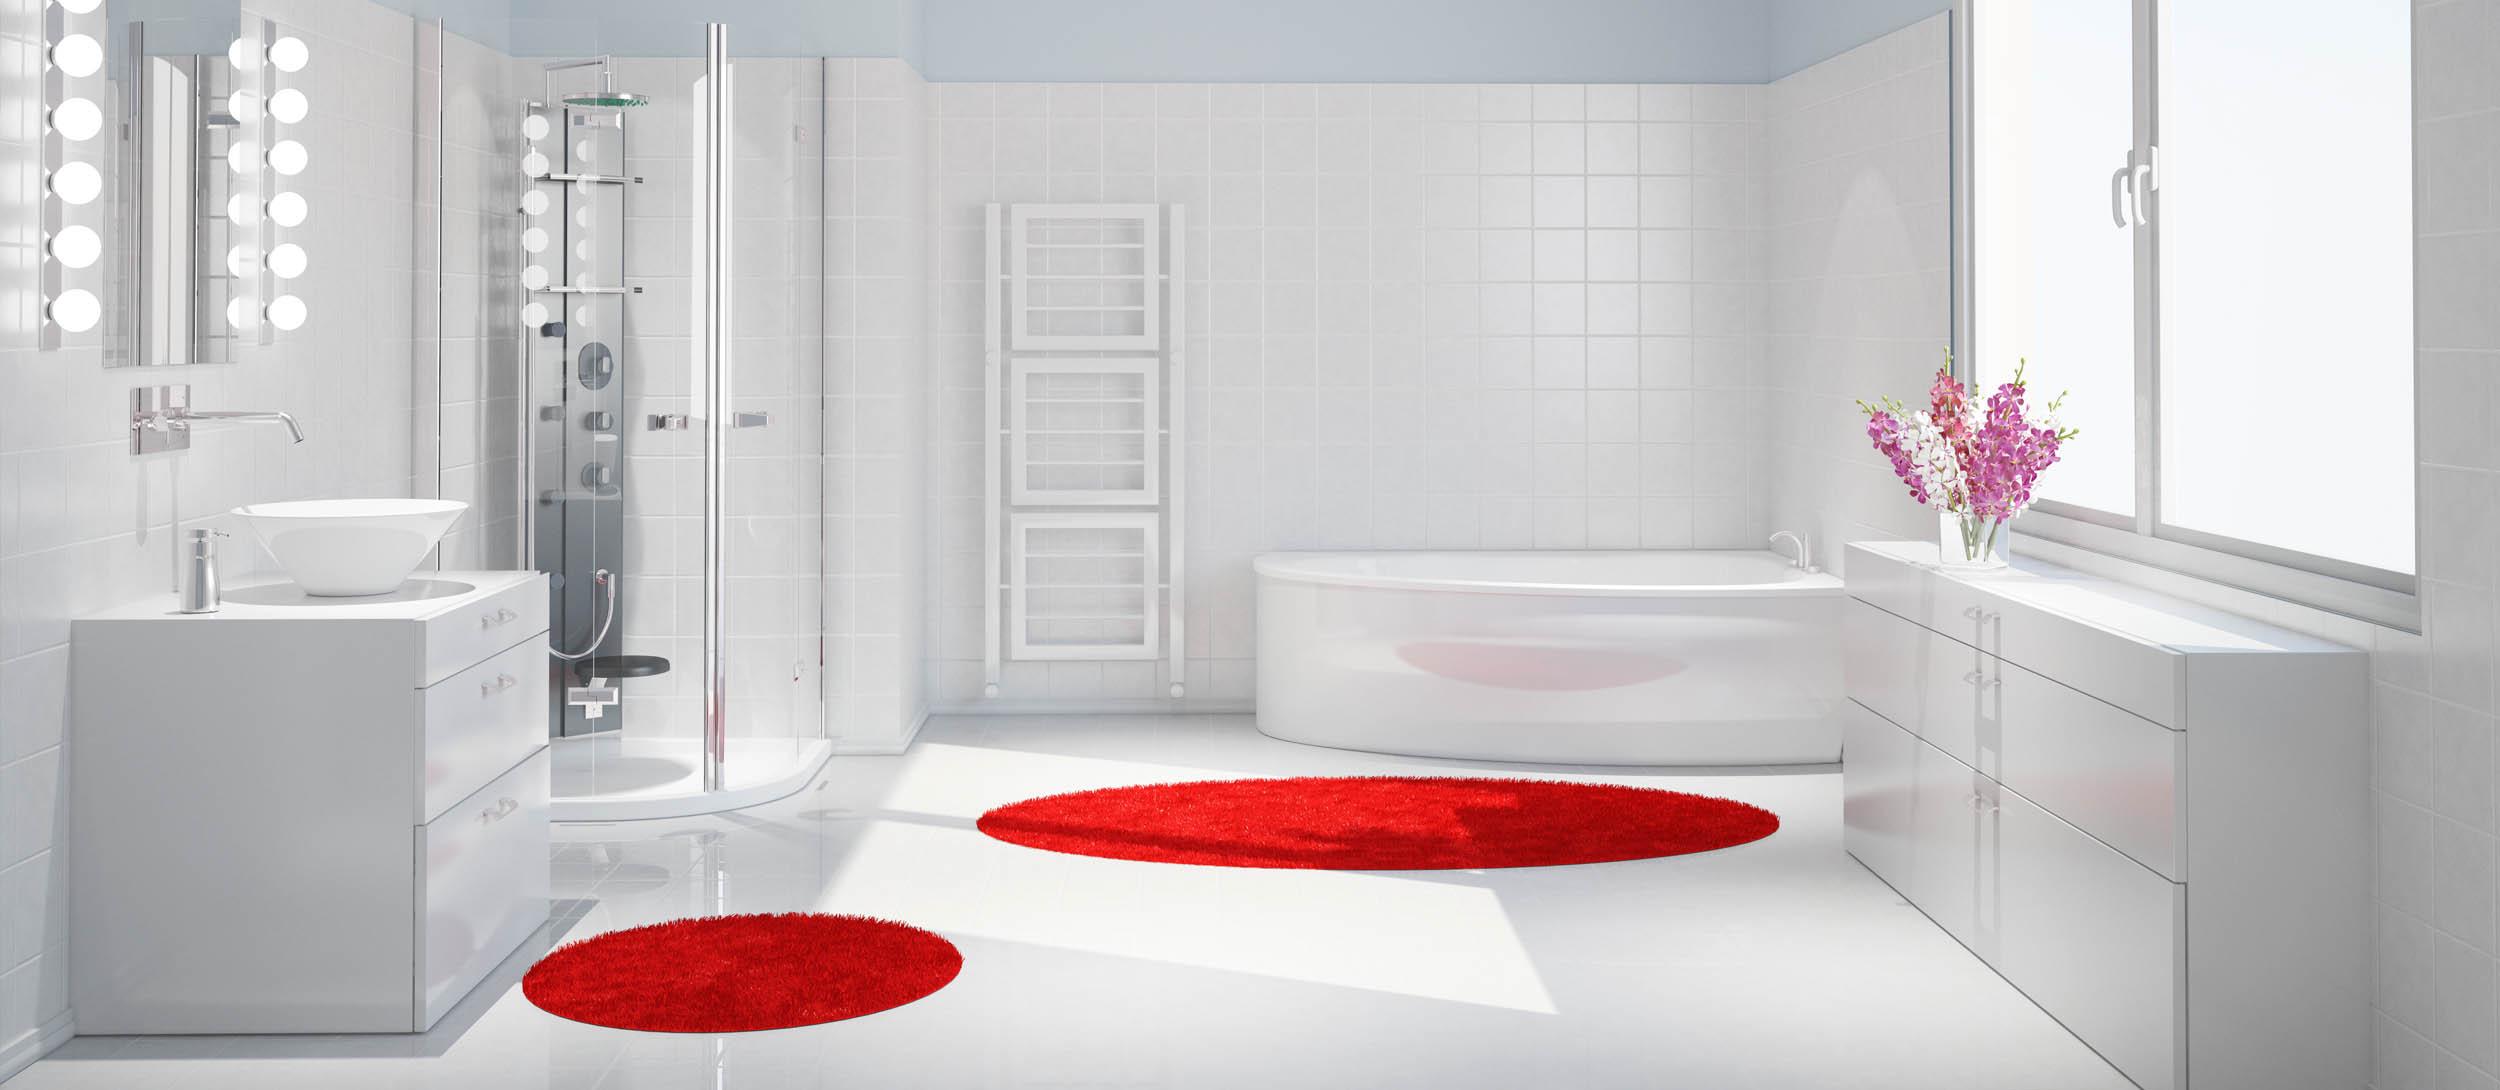 Vendita di Arredamento e accessori bagno